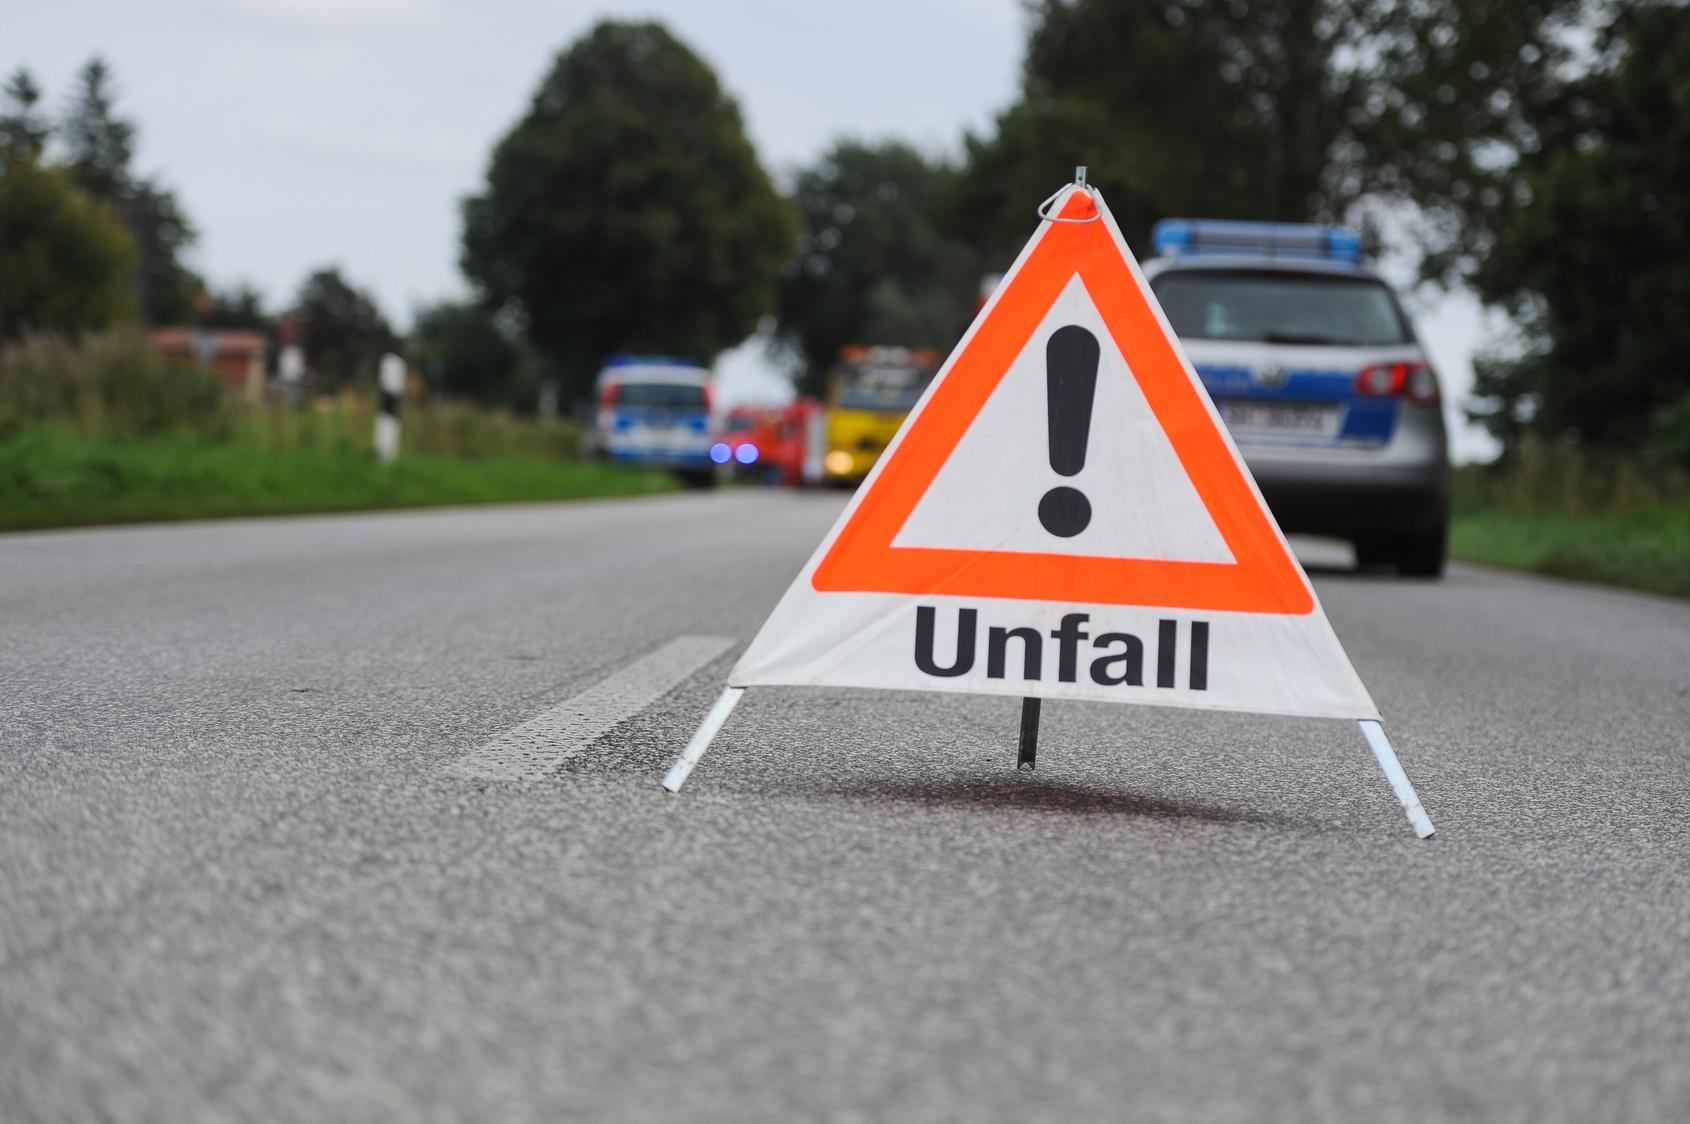 Unfall am Fuldaer Westring: 17-jähriger Moped-Fahrer kracht in Chevrolet